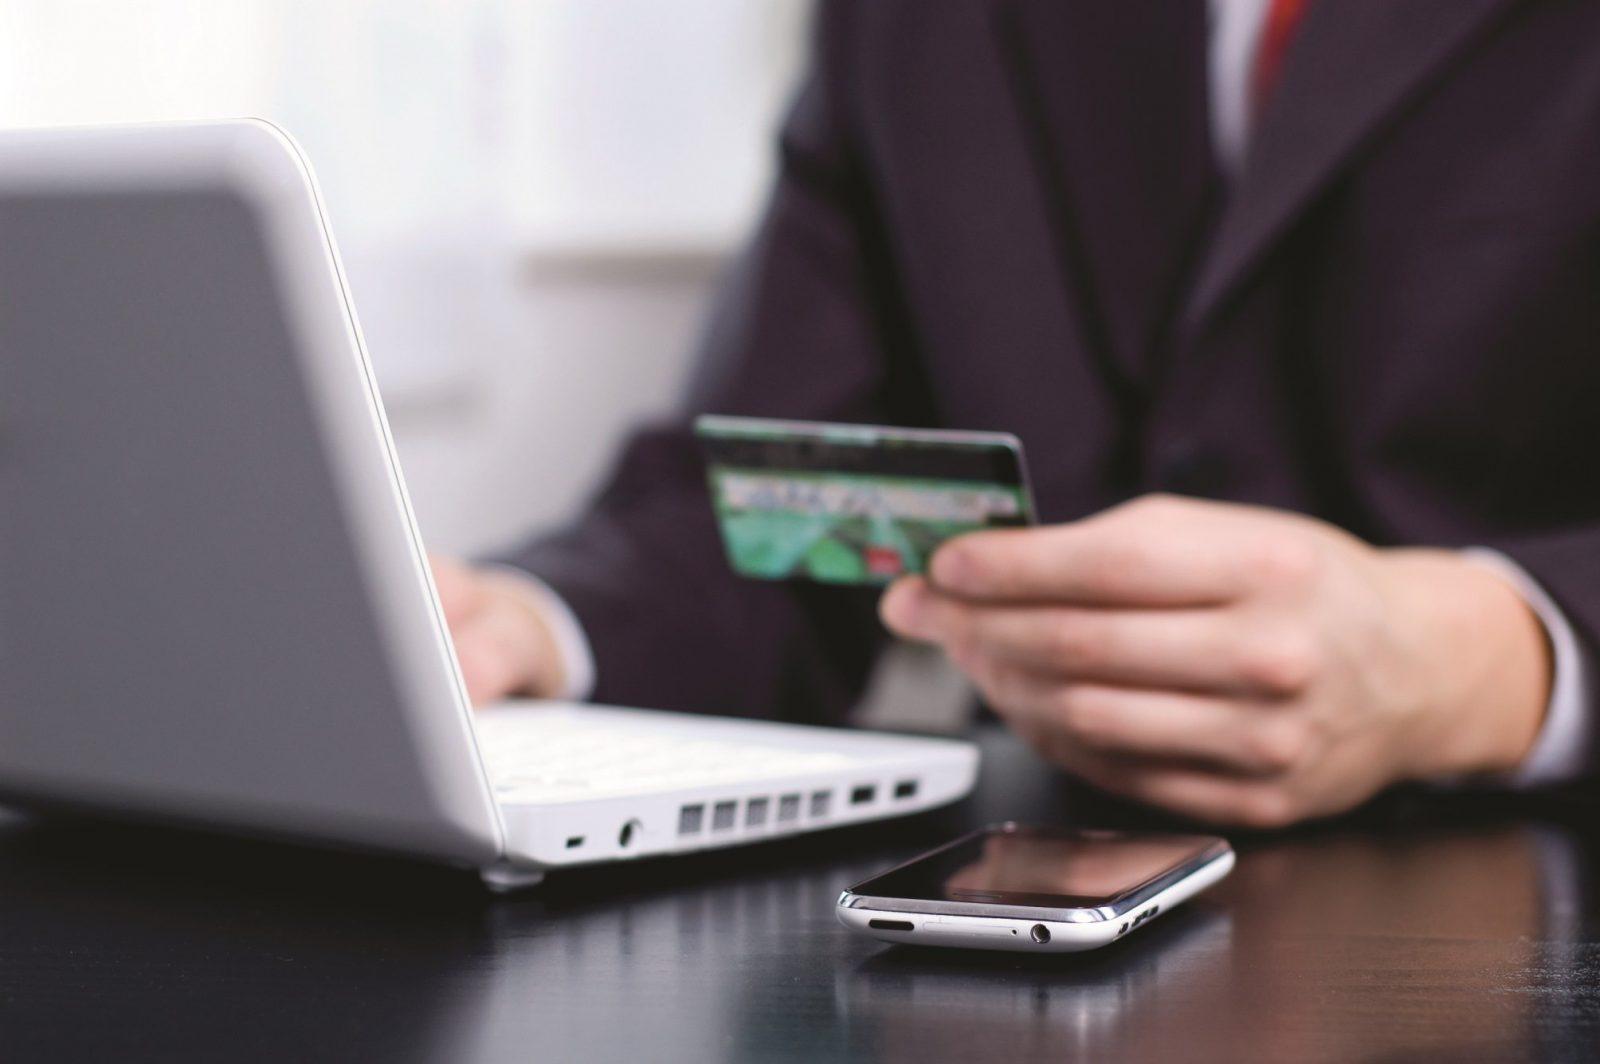 Выбираем оптимальный способ оплаты для интернет-покупок